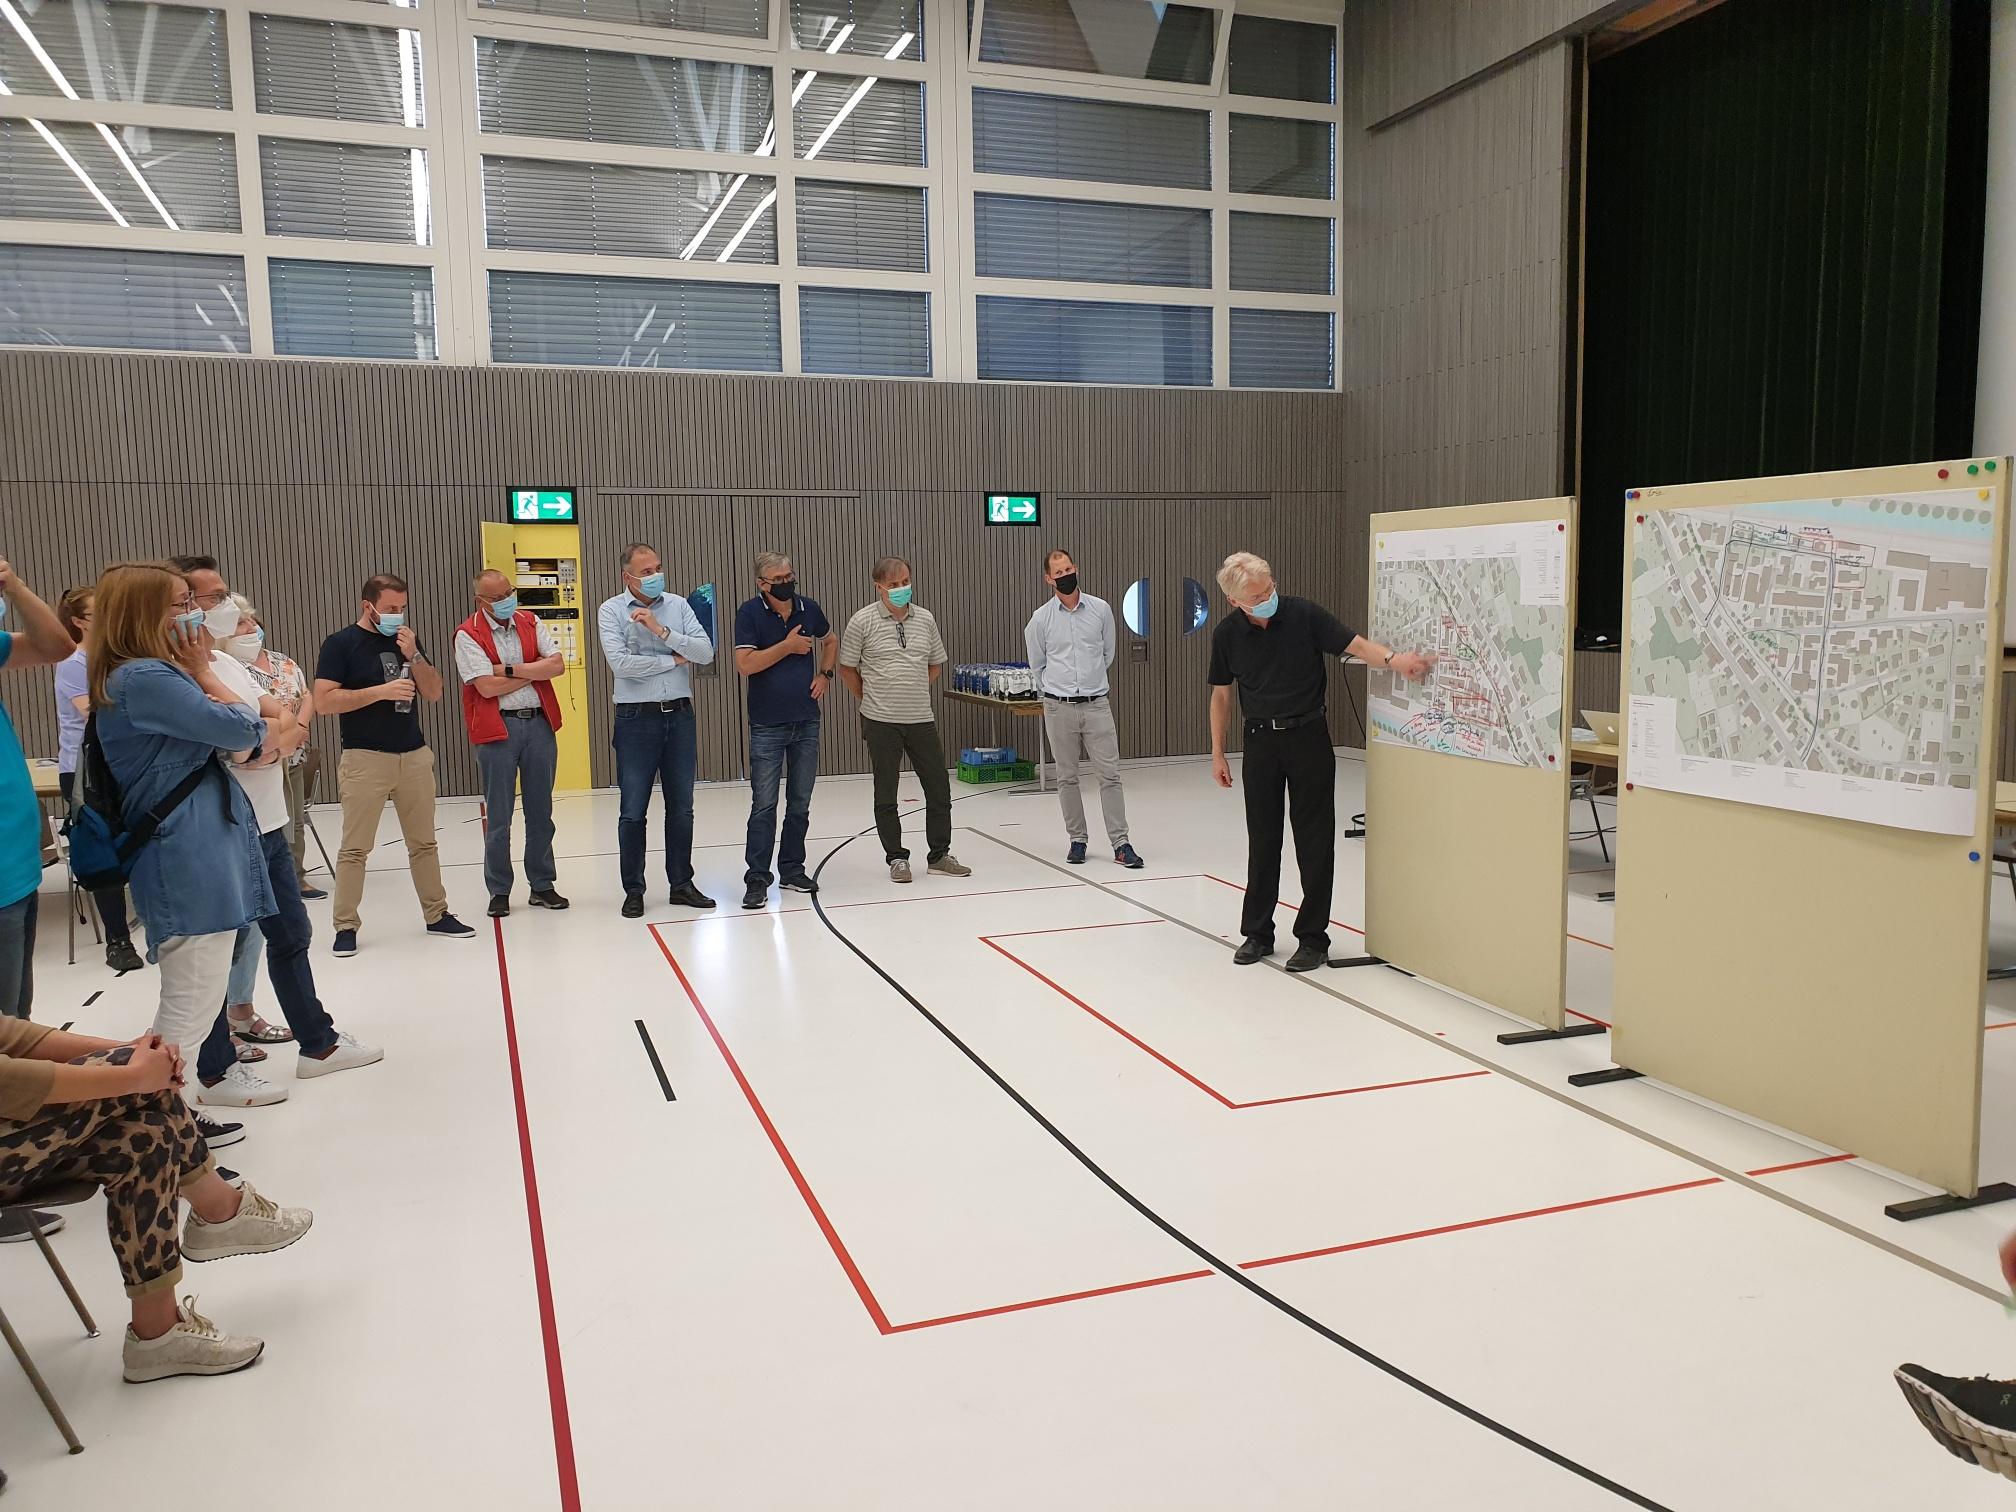 Präsentation während dem Workshop vom 02.06.2021